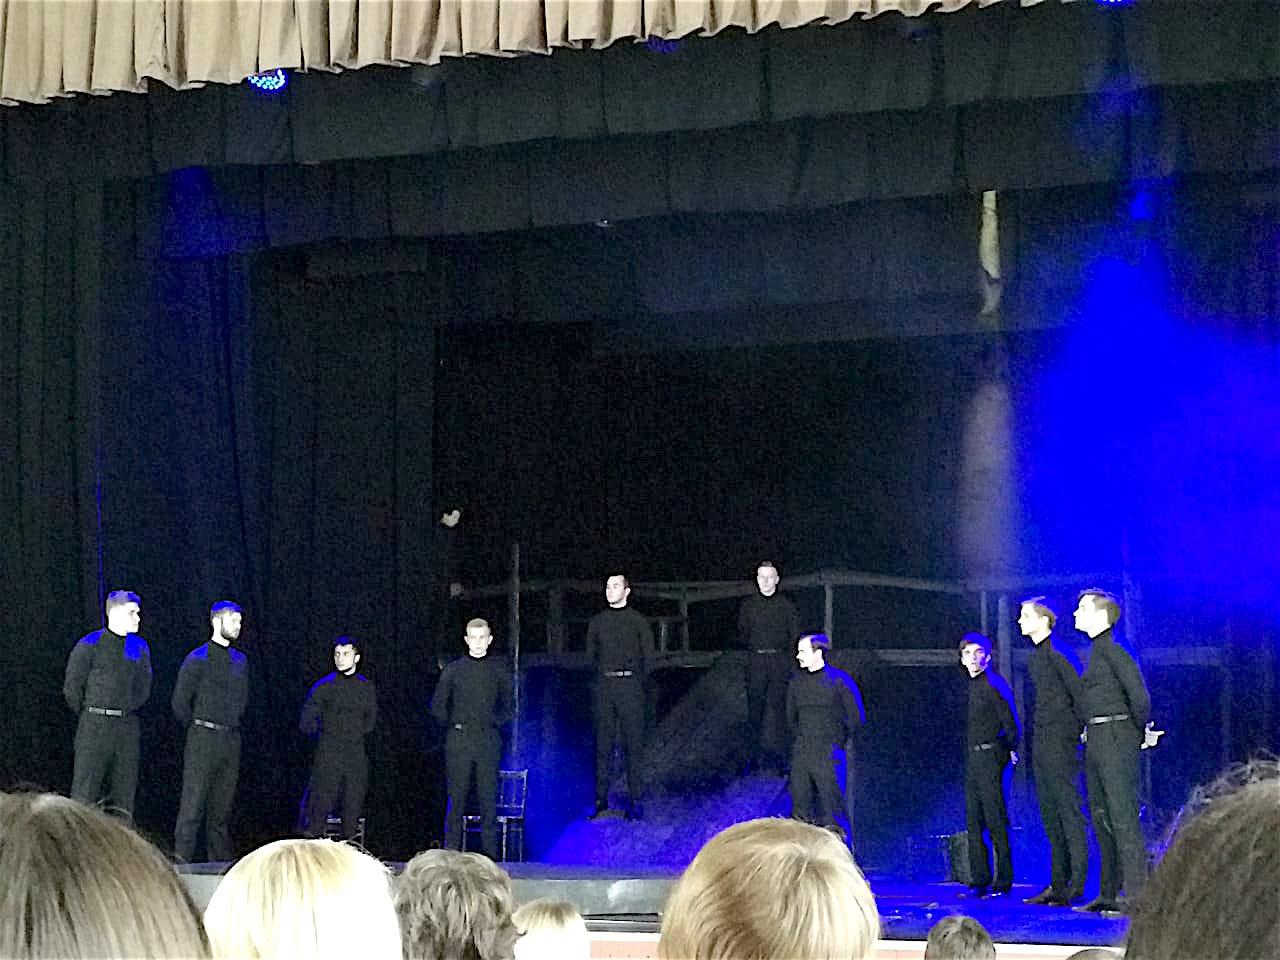 В обновленном Доме офицеров театр «Кириллица» представил премьеру спектакля «Бесы», созданного при поддержке «Рисан»